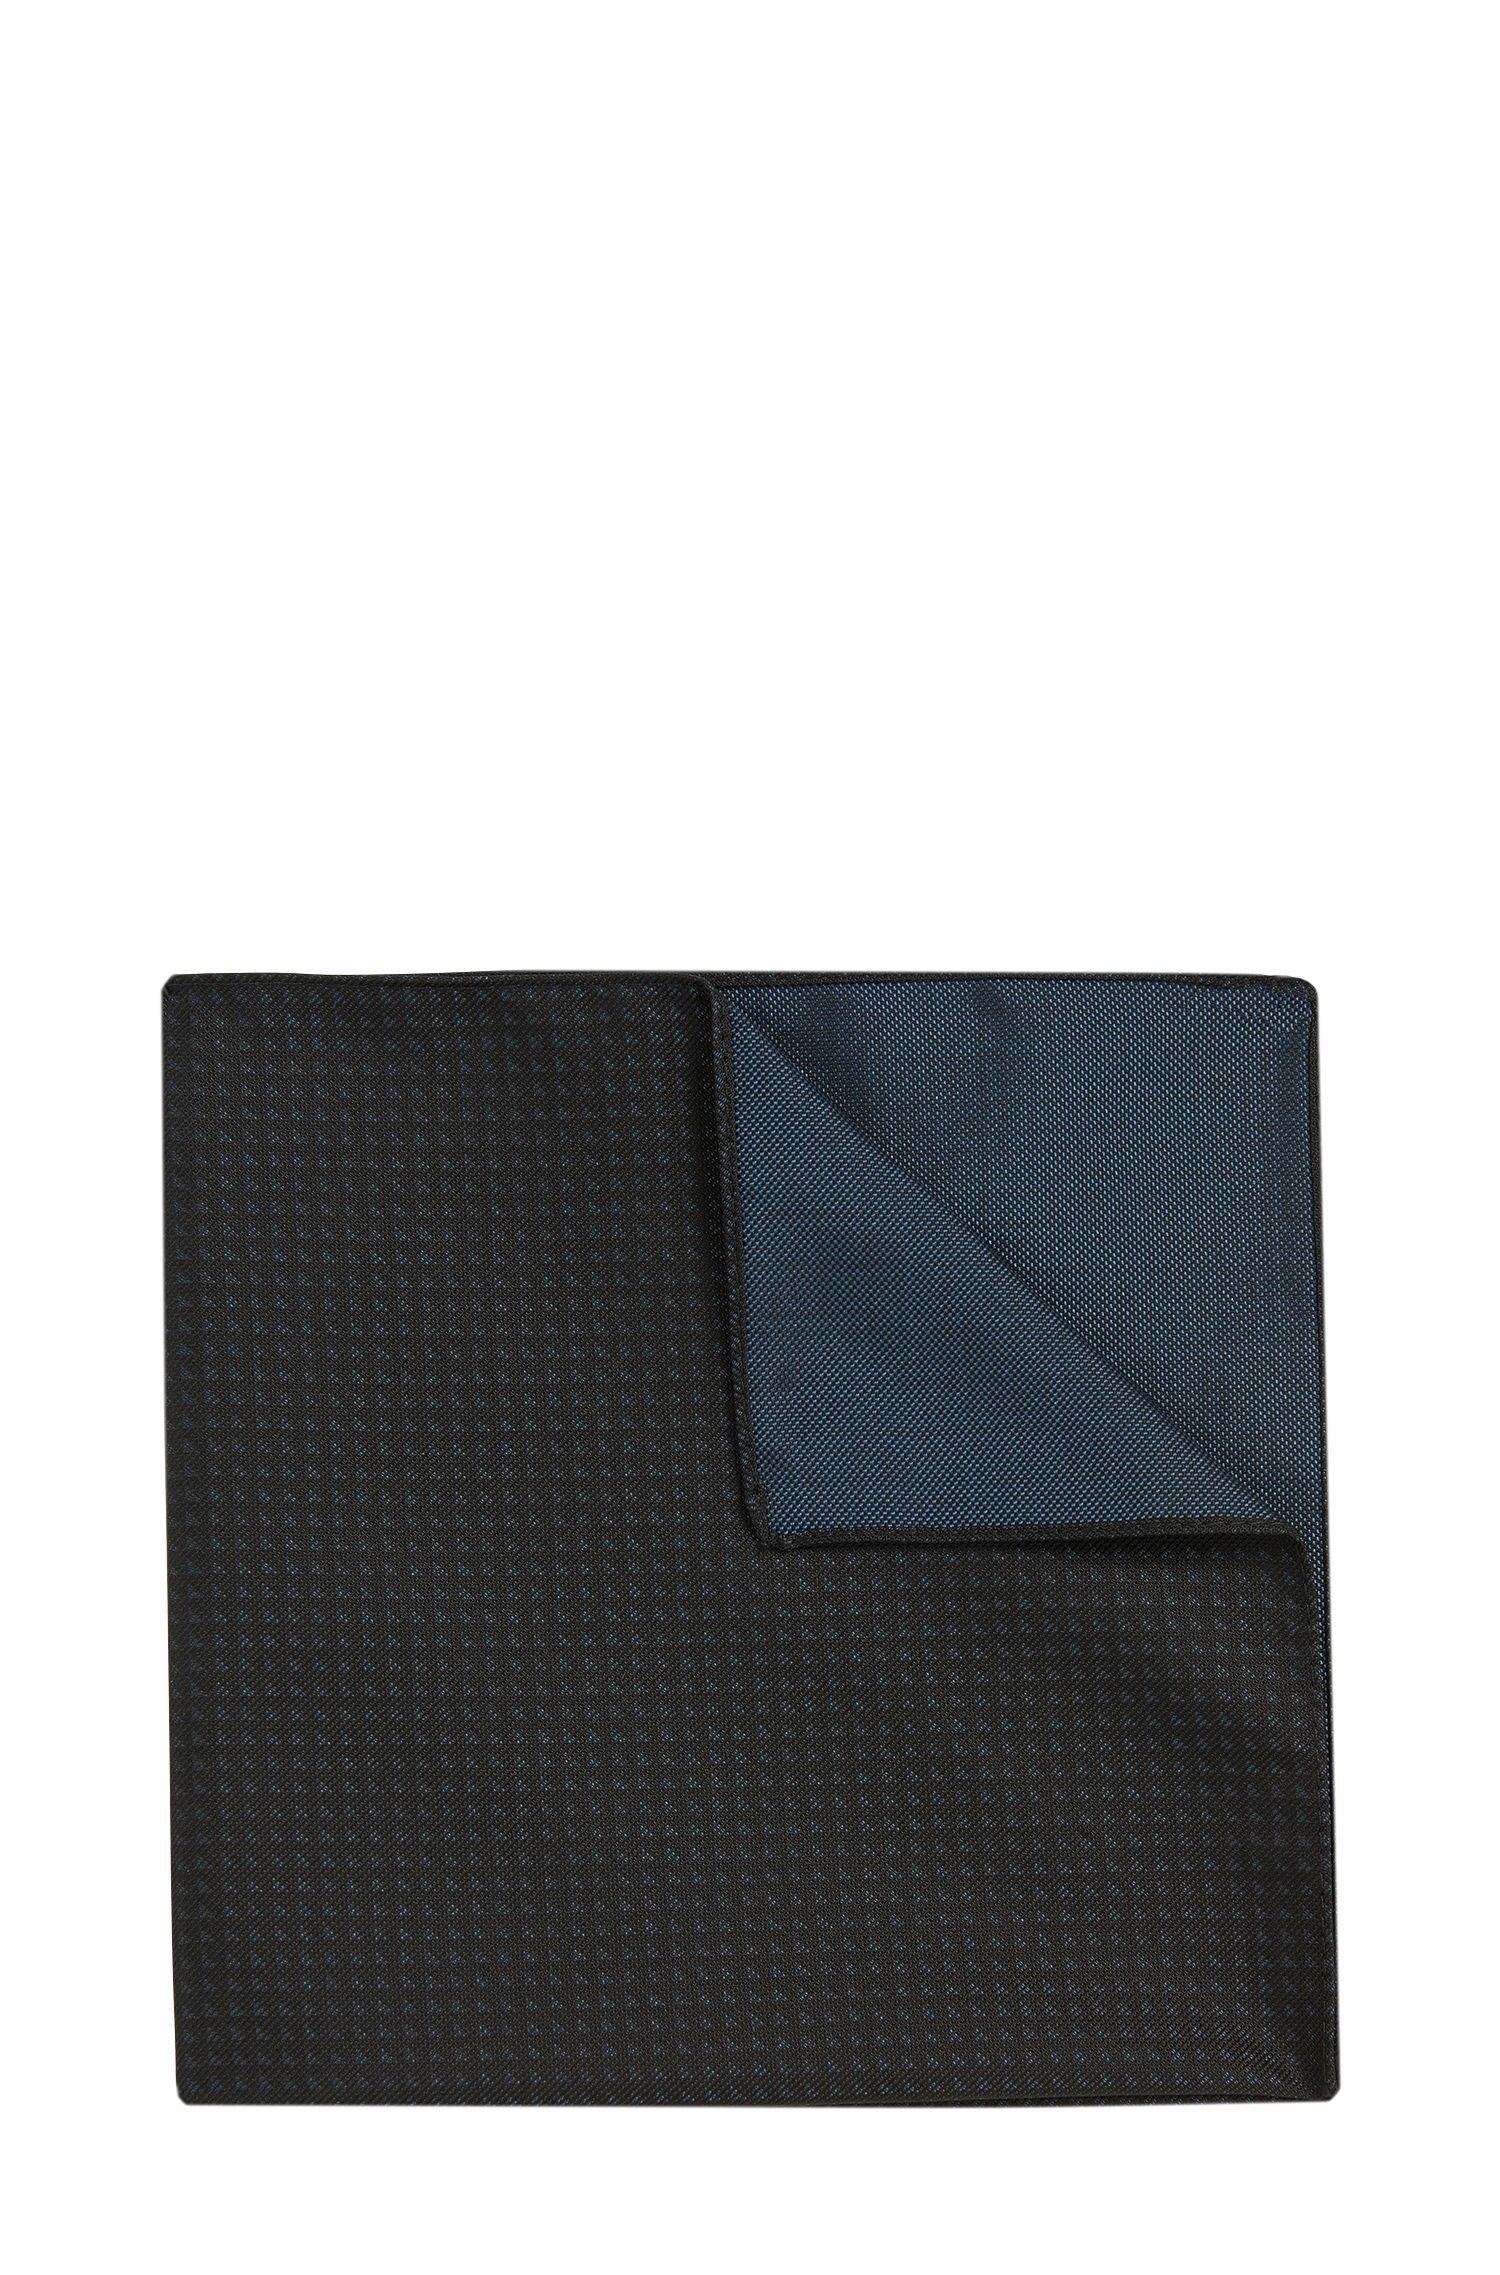 Pañuelo de bolsillo estampado: 'Pocket sq. cm 33x33'